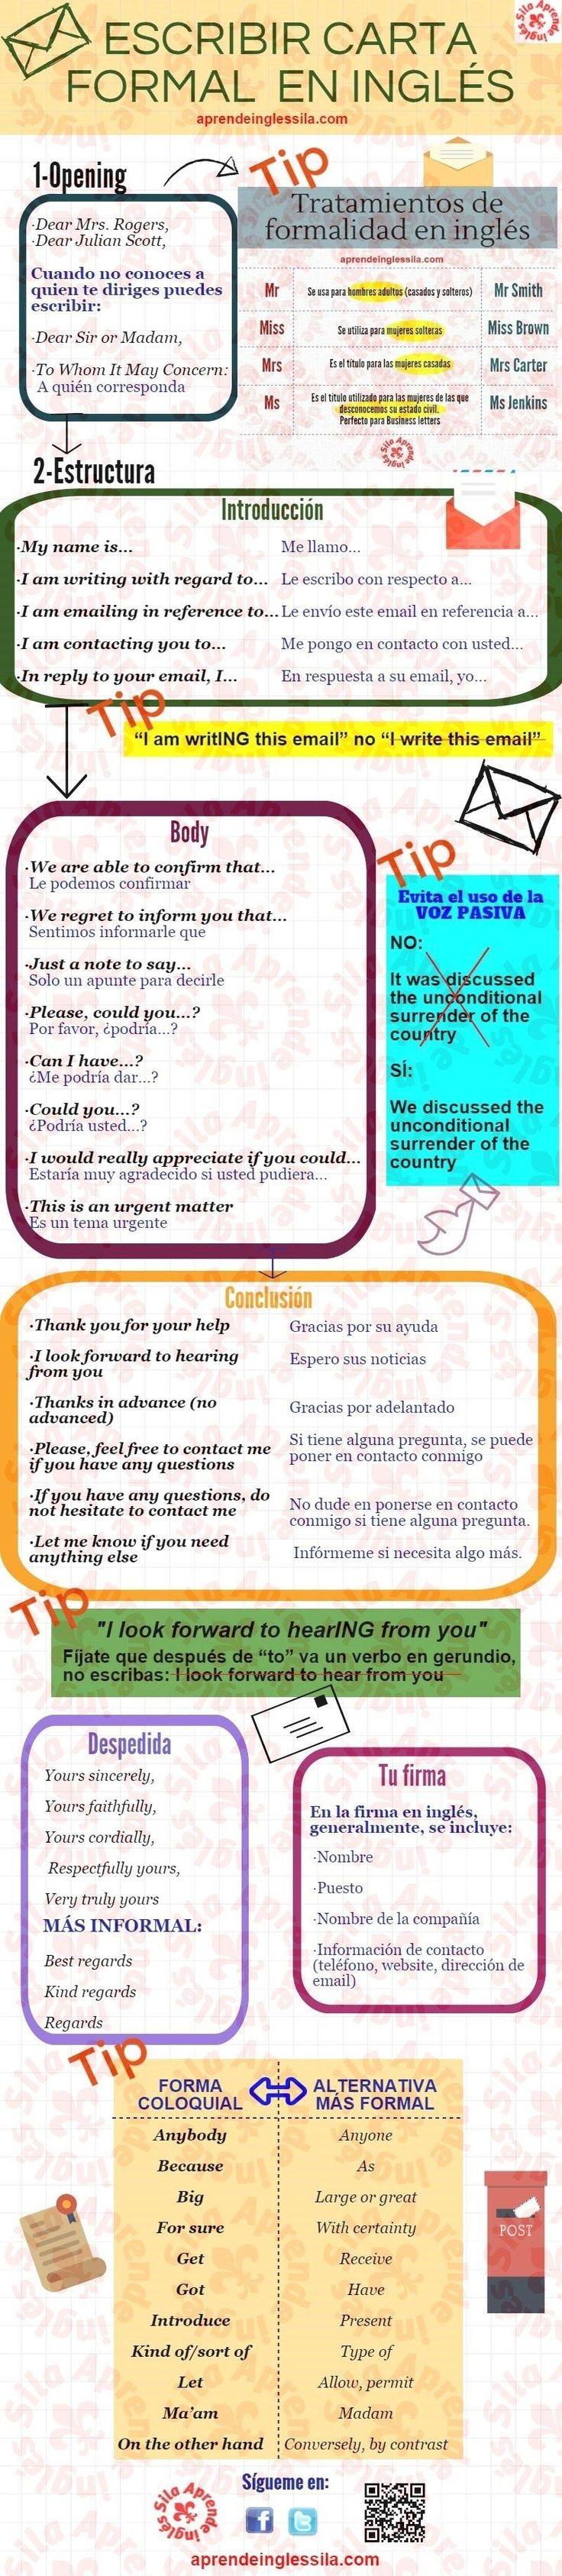 carta formal en inglés                                                                                                                                                      Más